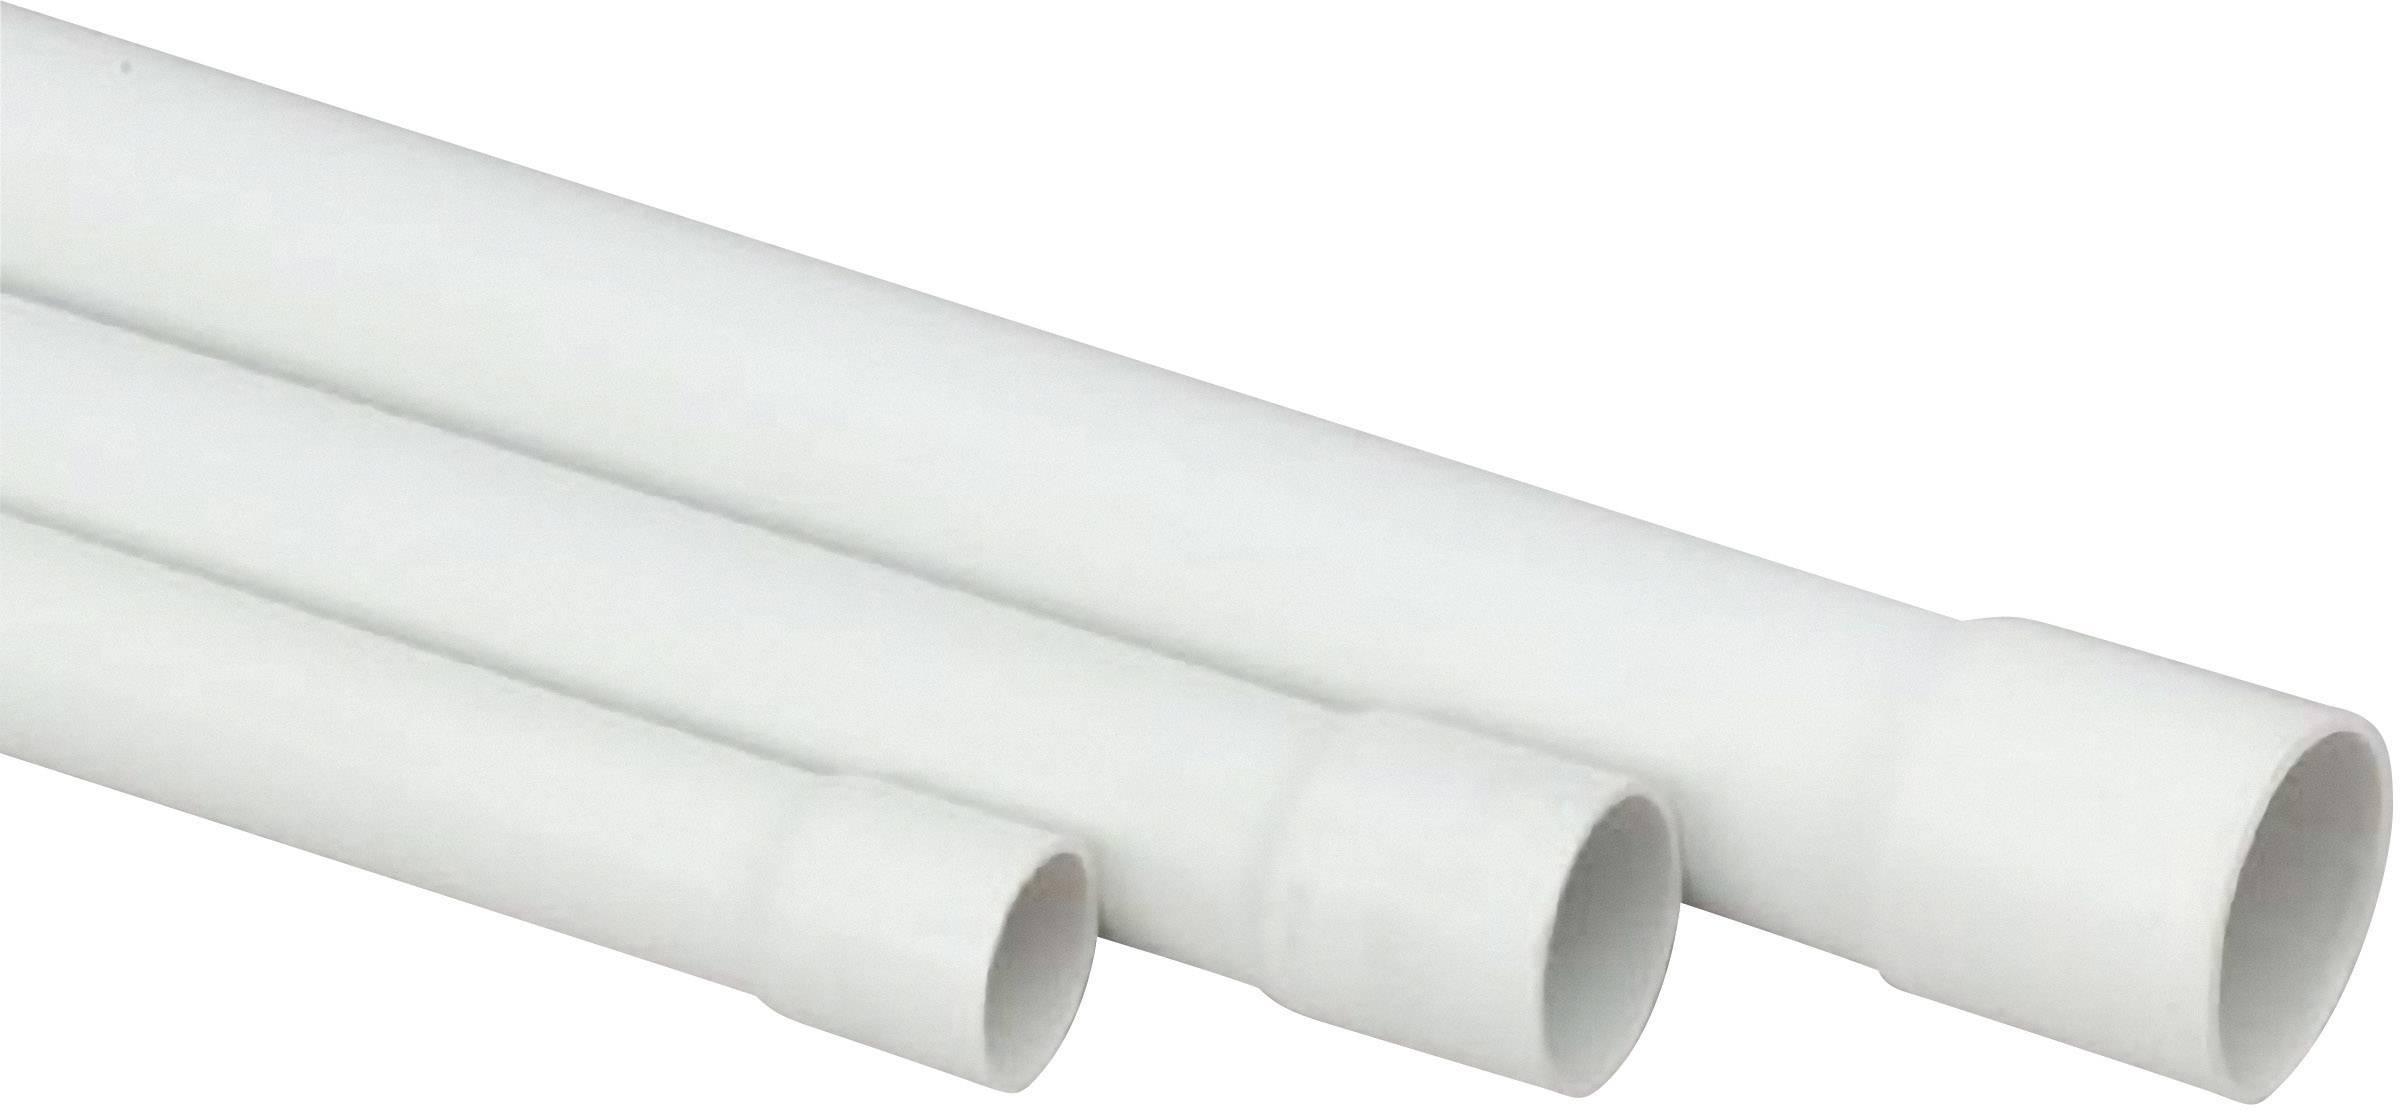 Izolační pevná trubka pro instalaci vedení Heidemann PVC EN20, 13007, 2 m, šedá